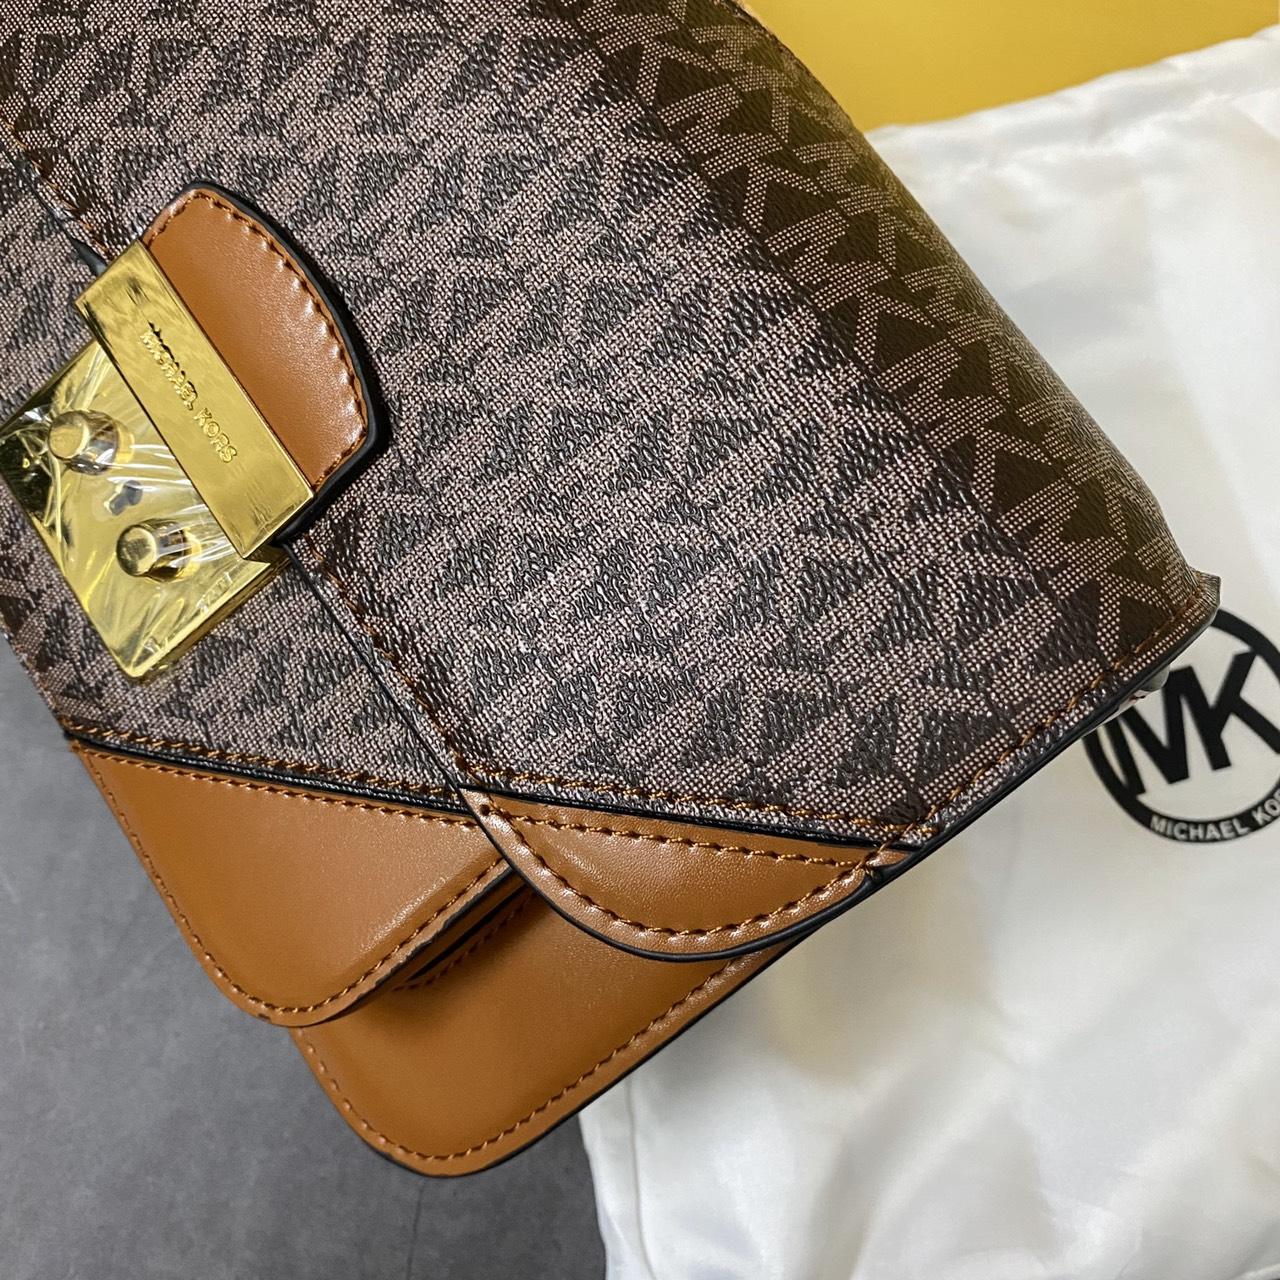 Túi MK hộp chéo 3 màu - MK14